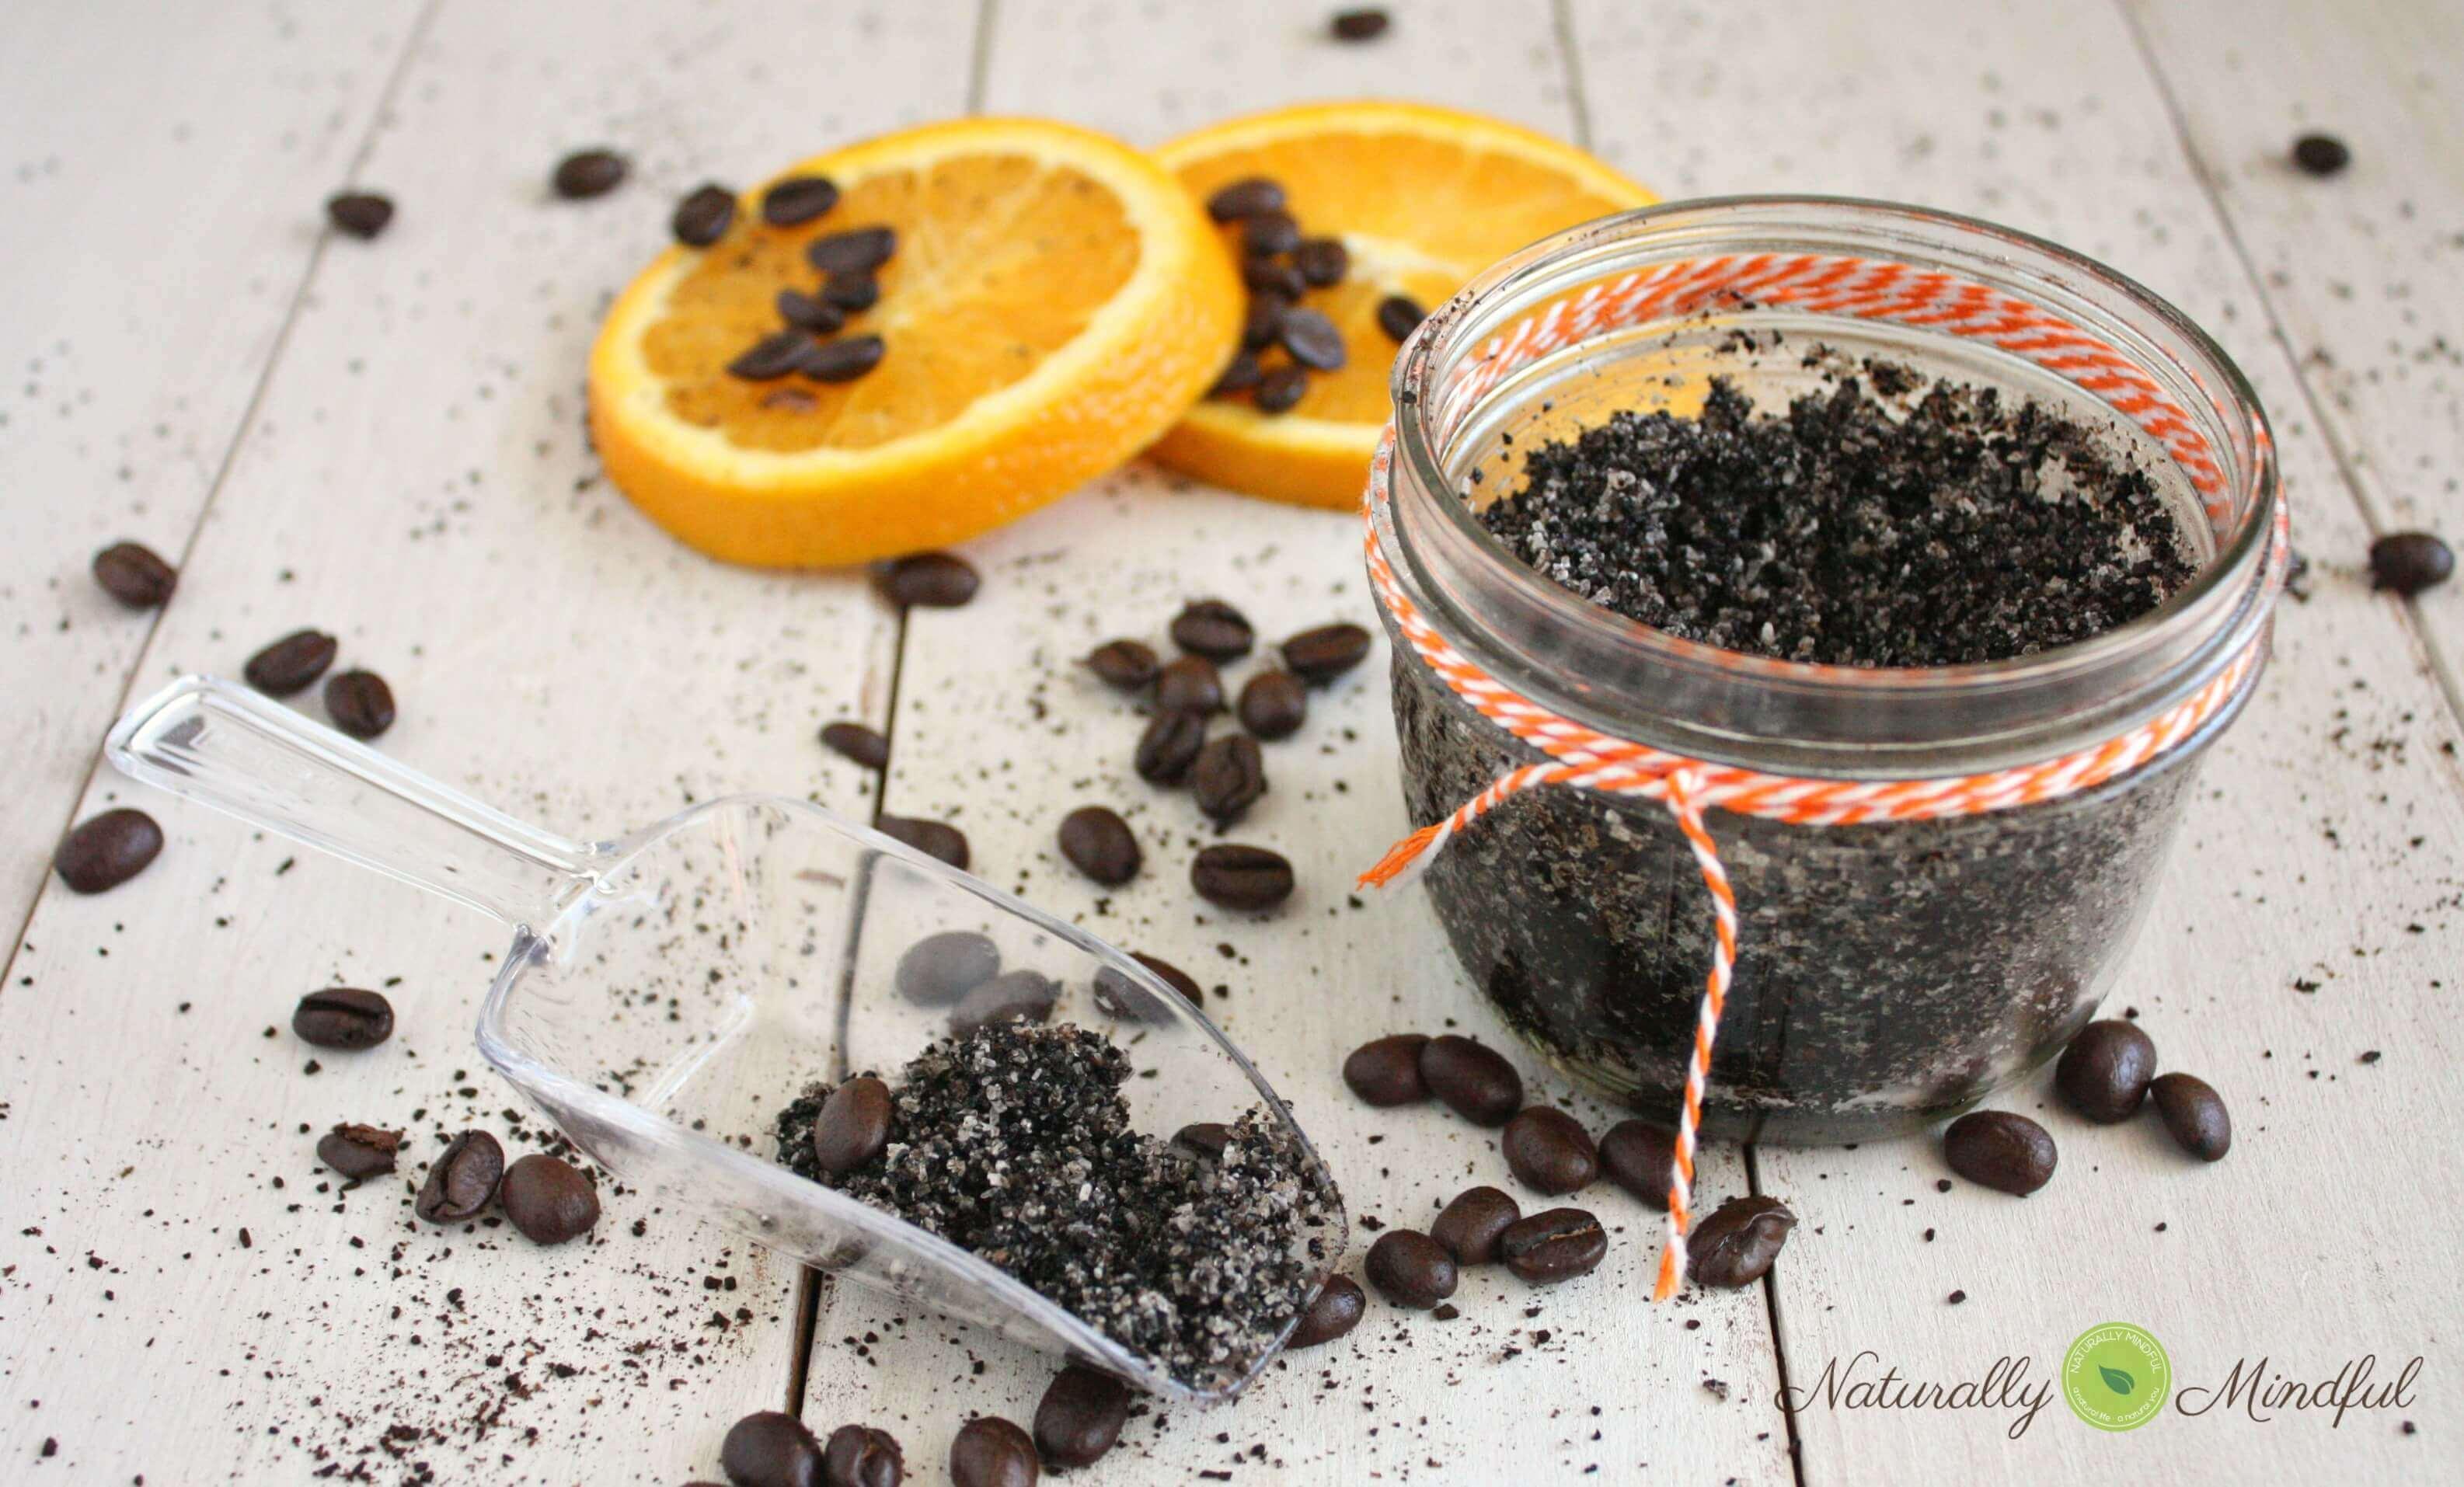 exfoliante de naranja y cafe